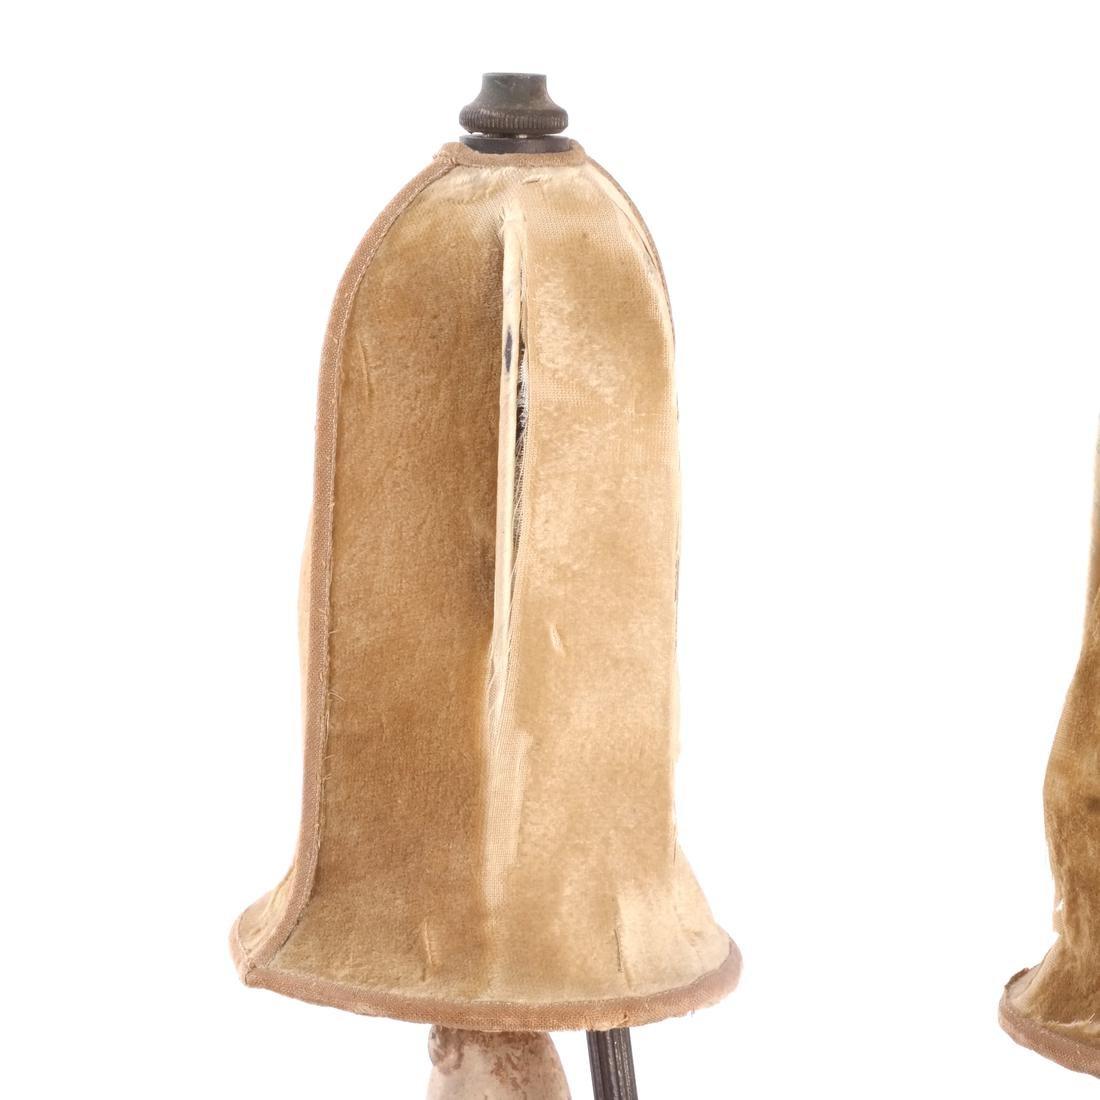 Pair Chinese Figural Ceramic Lamps - 6